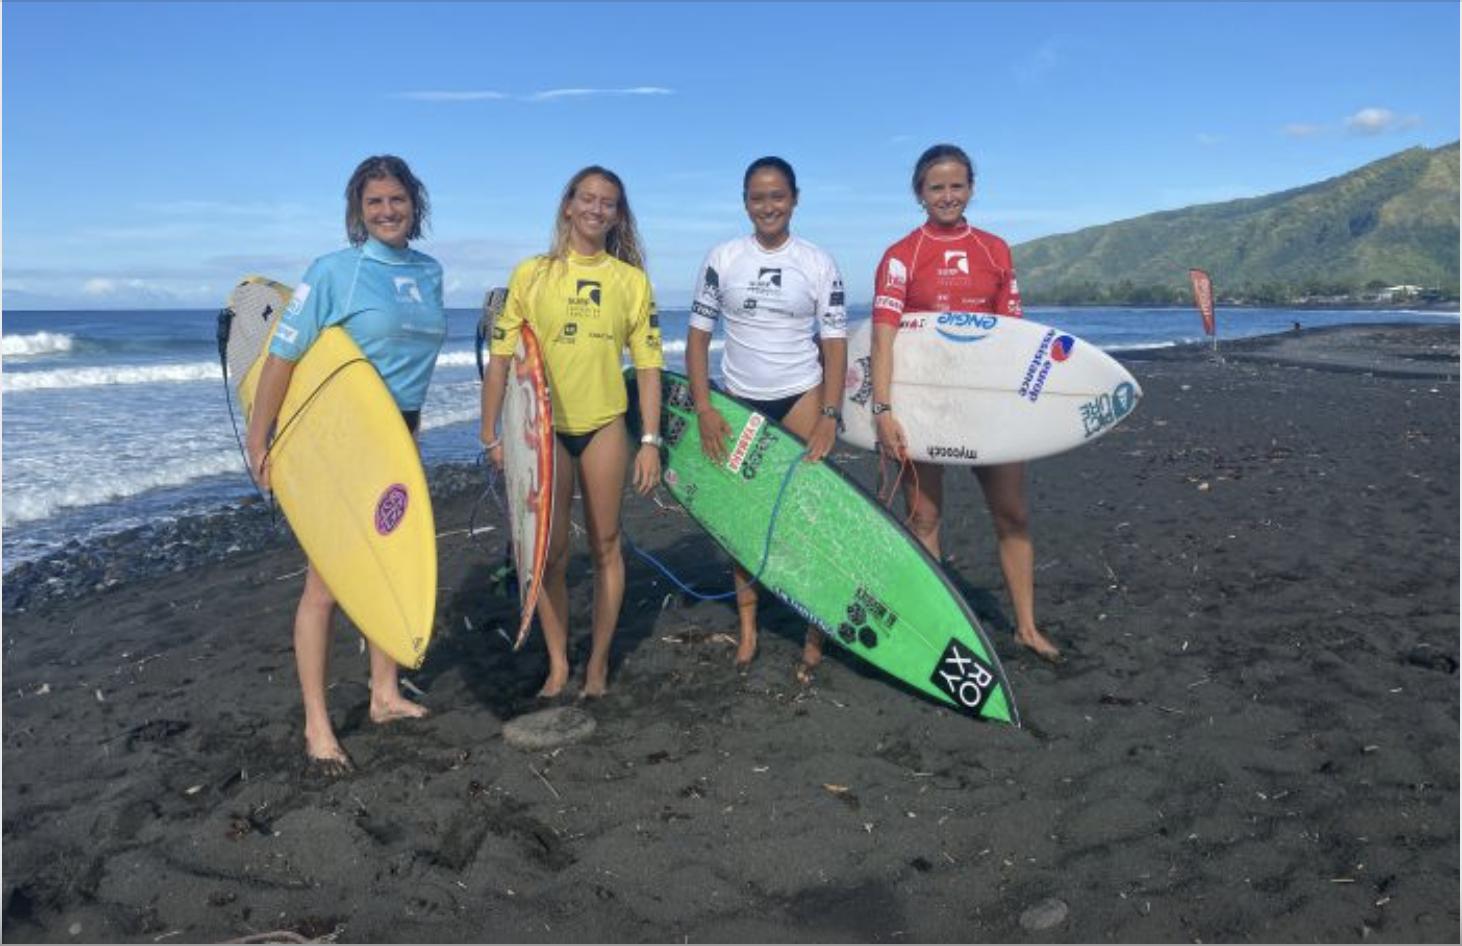 Le collectif France féminin en stage à Tahiti